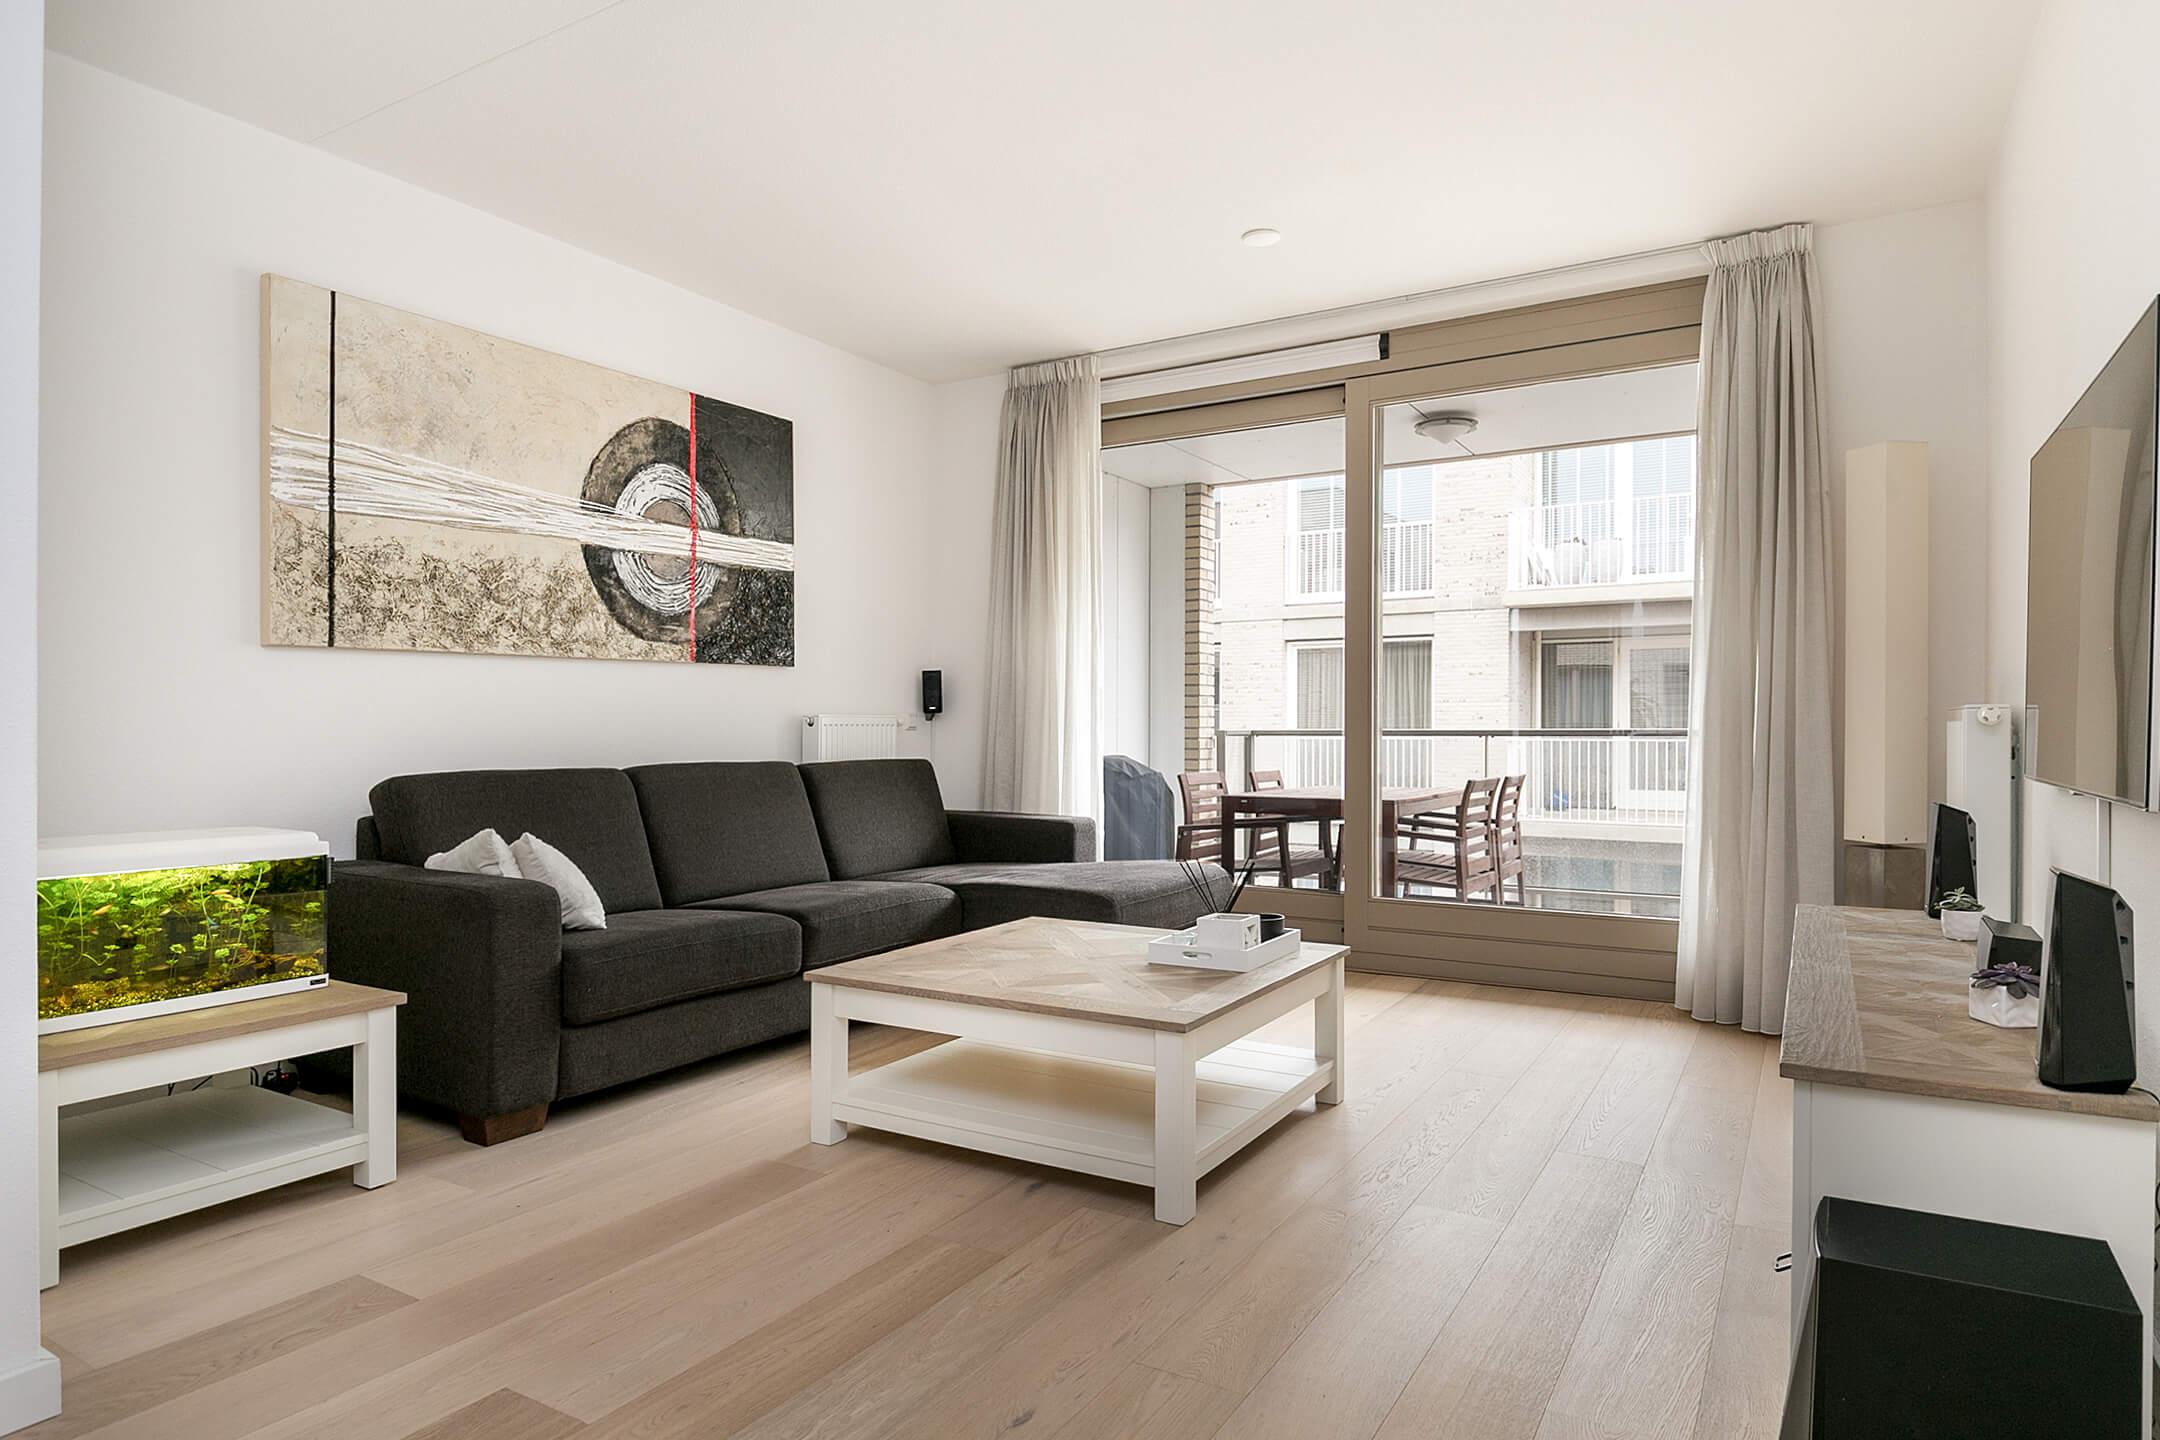 Huis verkocht door Dina voor Fabian & Esmee